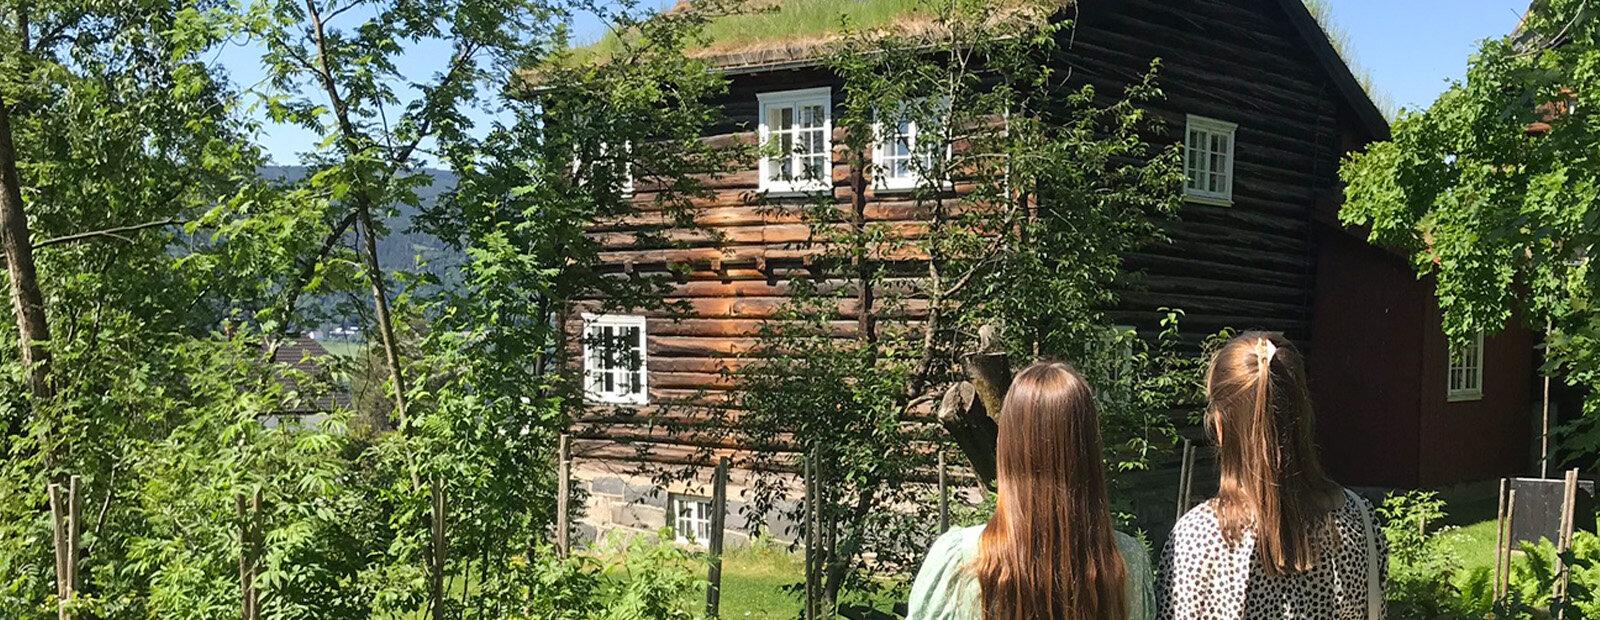 To damer som ser mot hjemmet til Sigrid Undset, Bjerkebæk, Lillehammer.